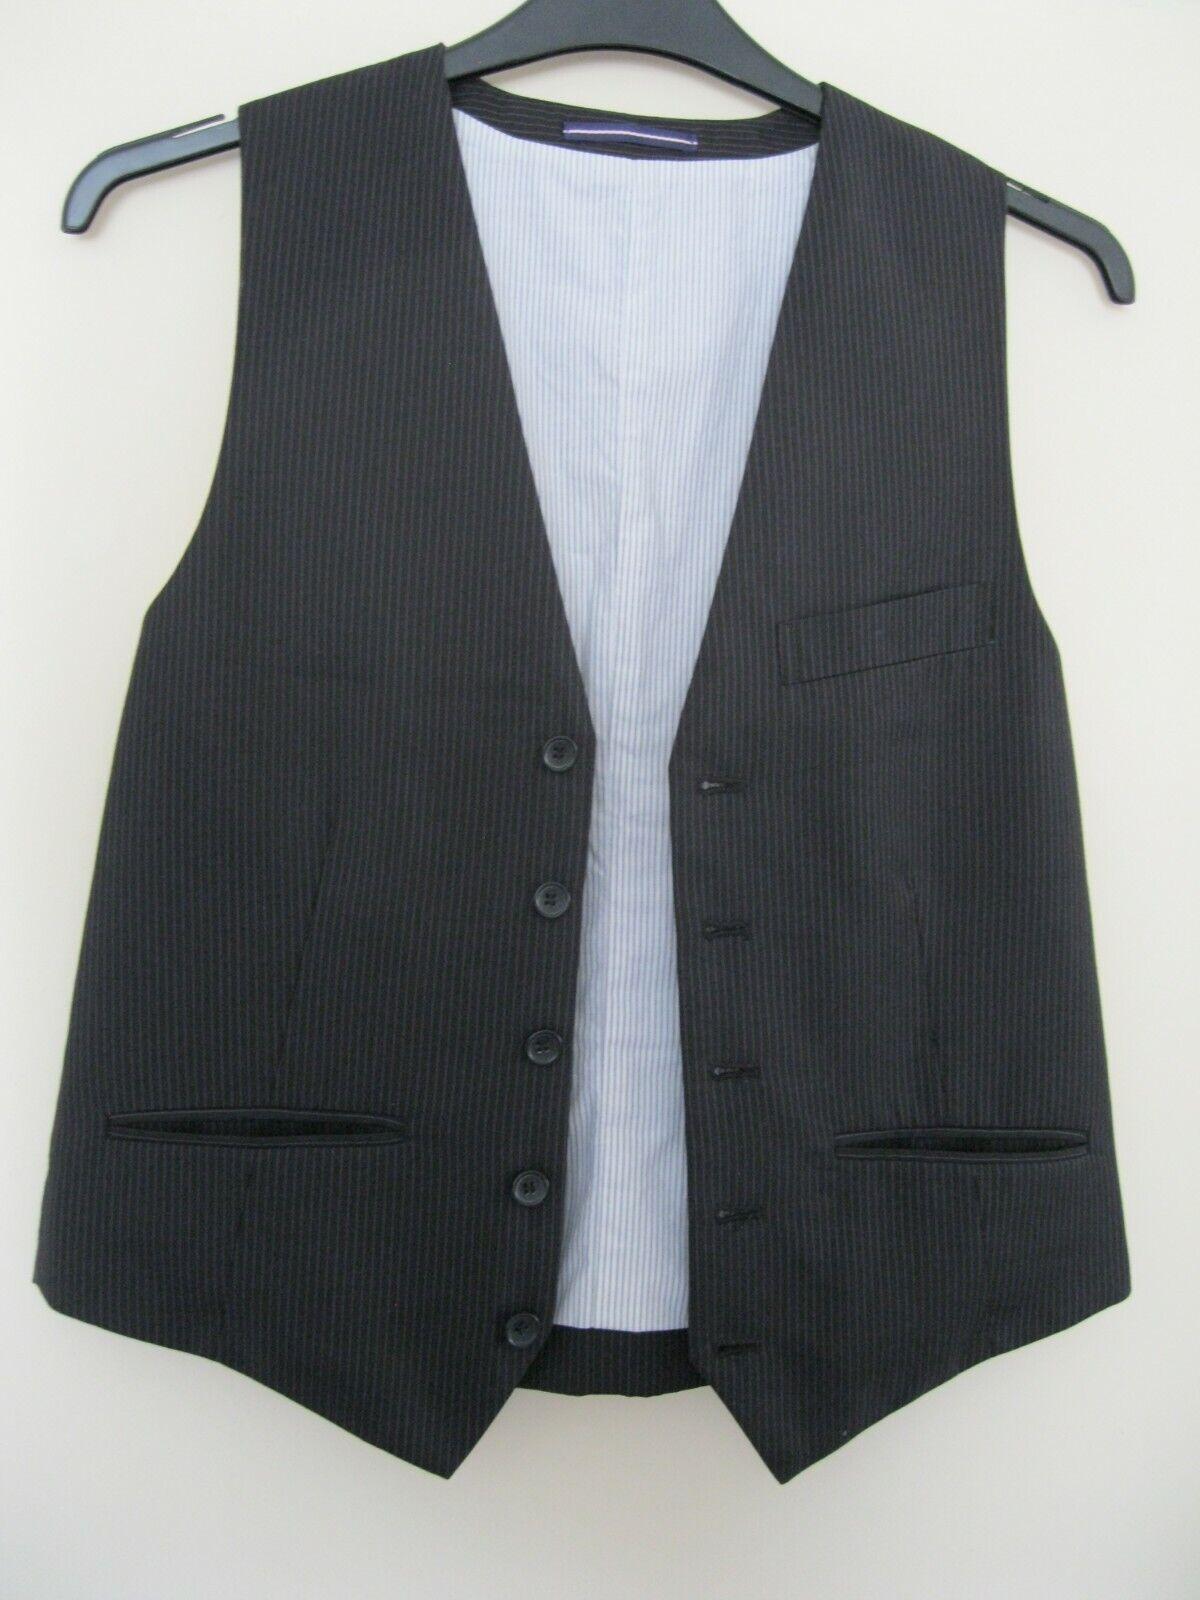 Topman black + narrow pinstripe waistcoat 40 (M) 3 pockets, fully lined, 21